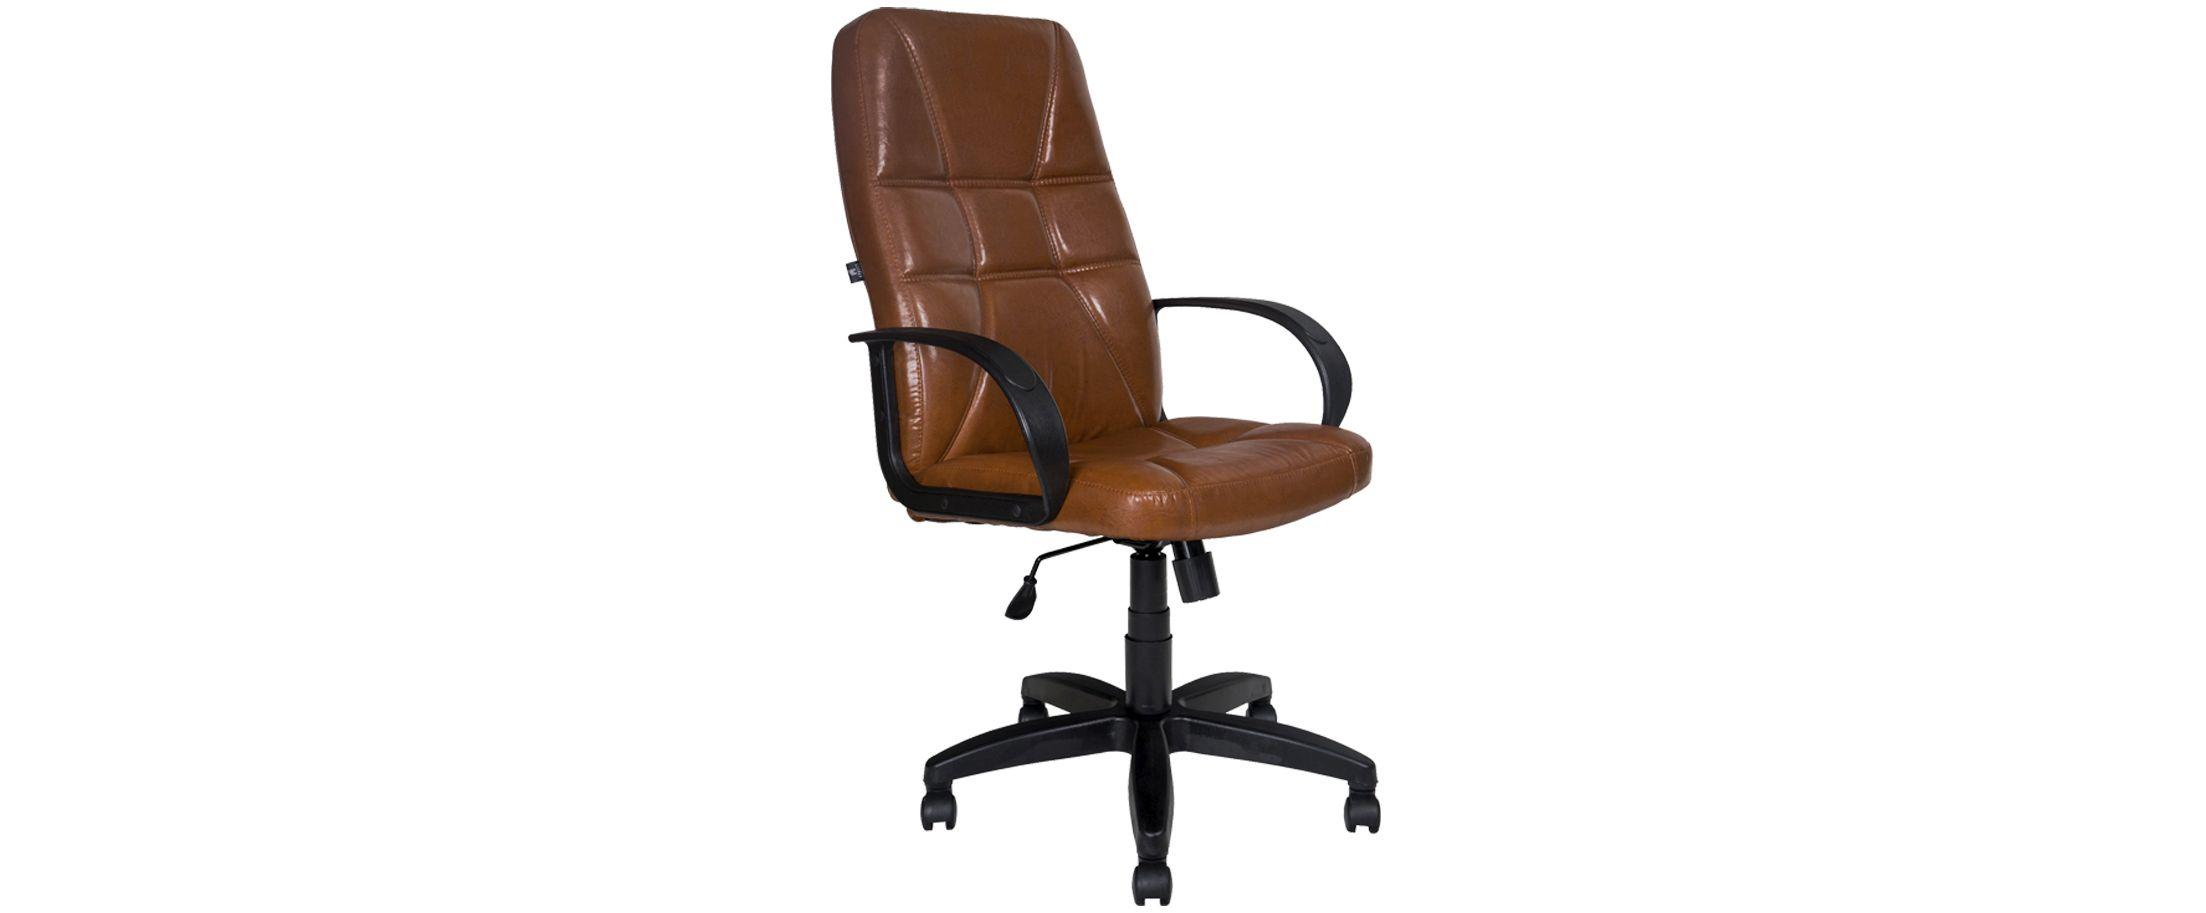 Кресло офисное AV 114 из экокожи цвет коньяк Модель 999Кресло офисное AV 114 из экокожи цвет коньяк Модель 999. Артикул Д000682<br>